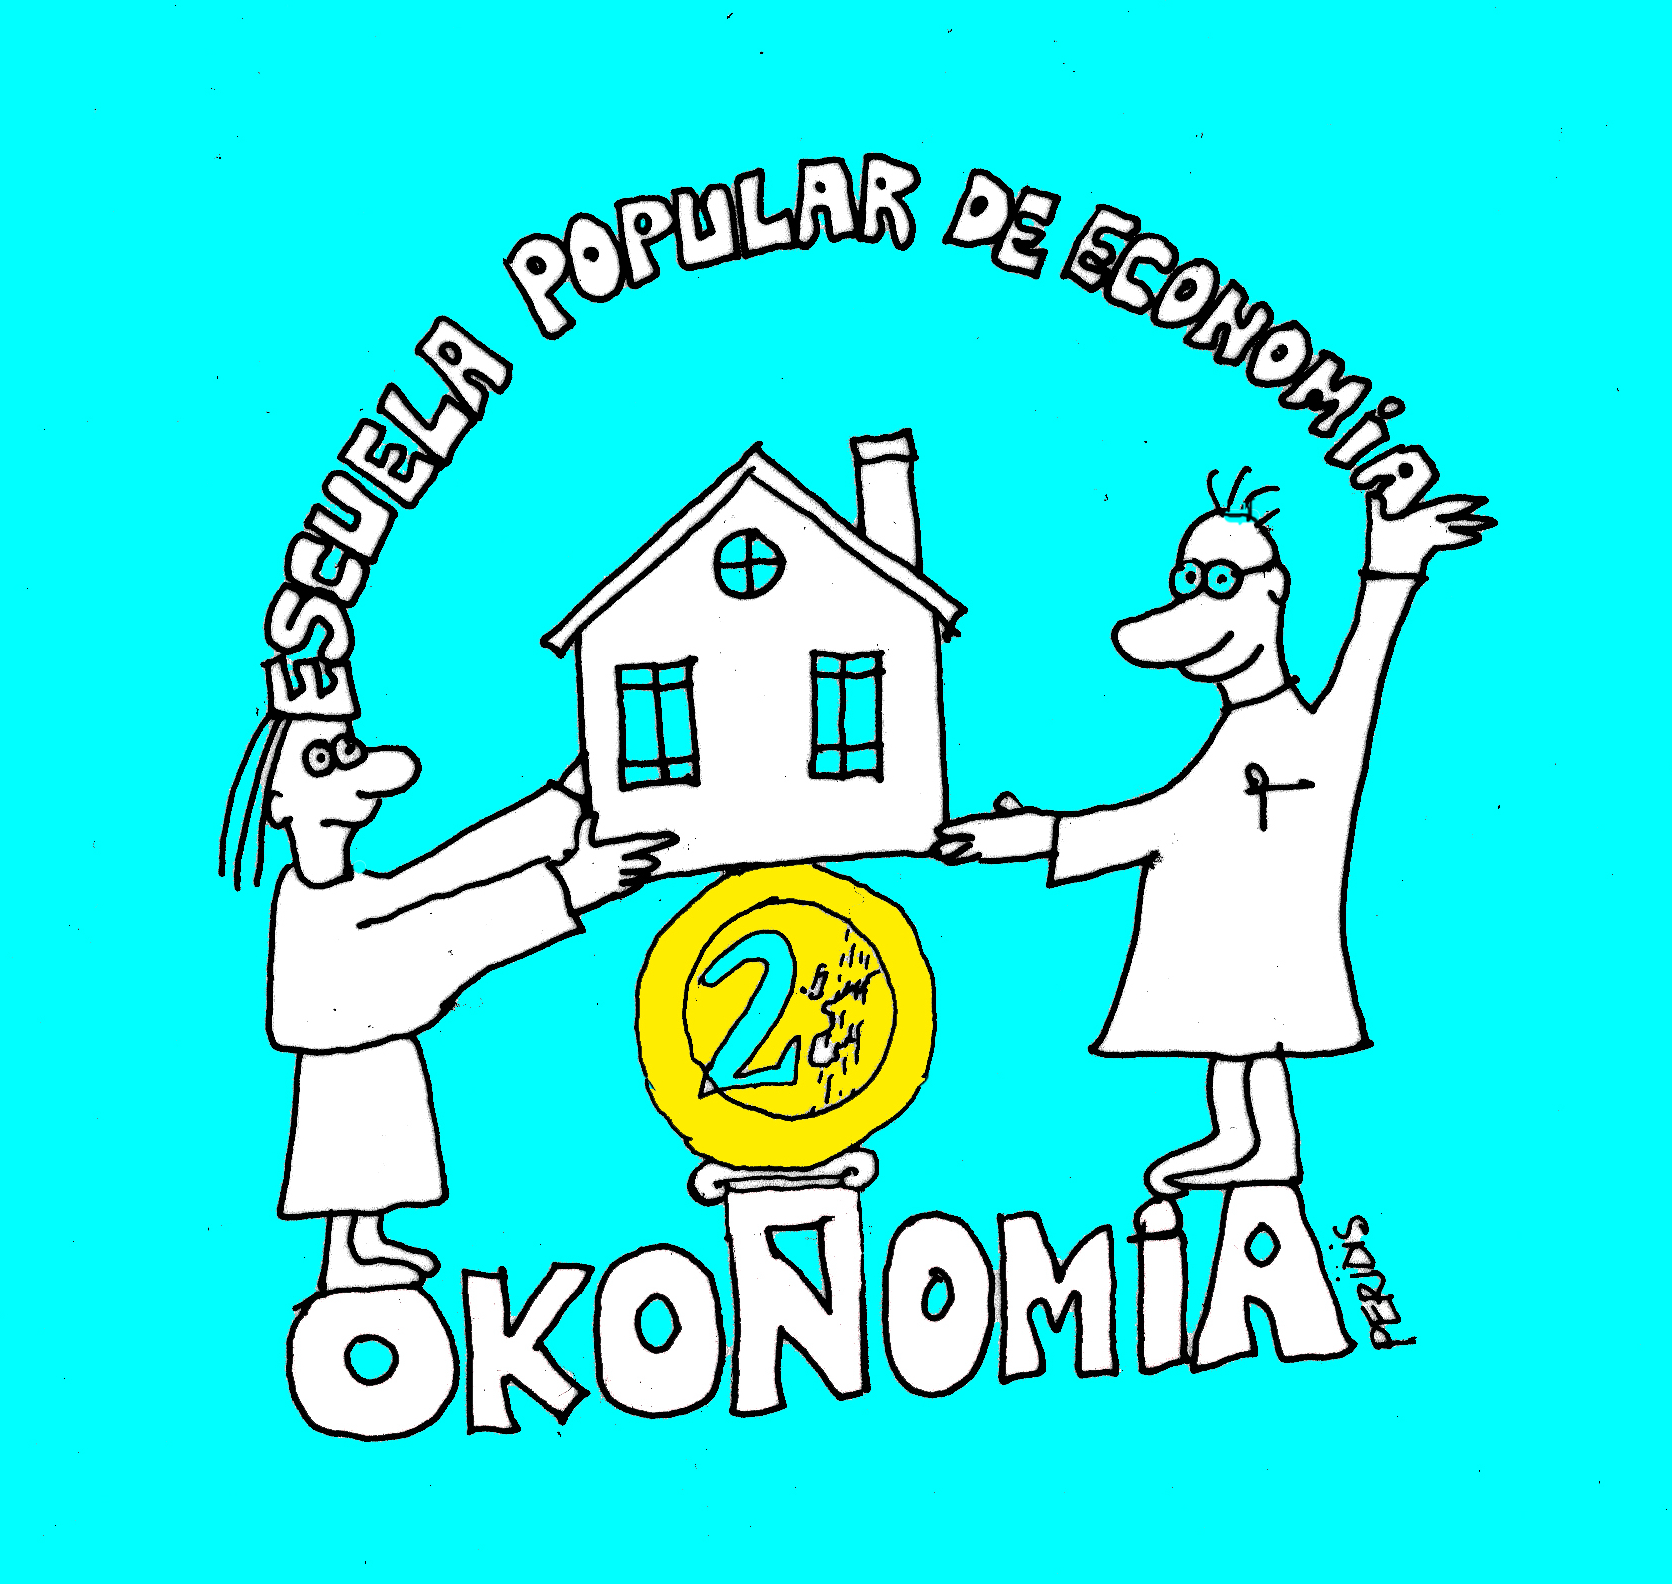 OKONOMIA BLANCO2